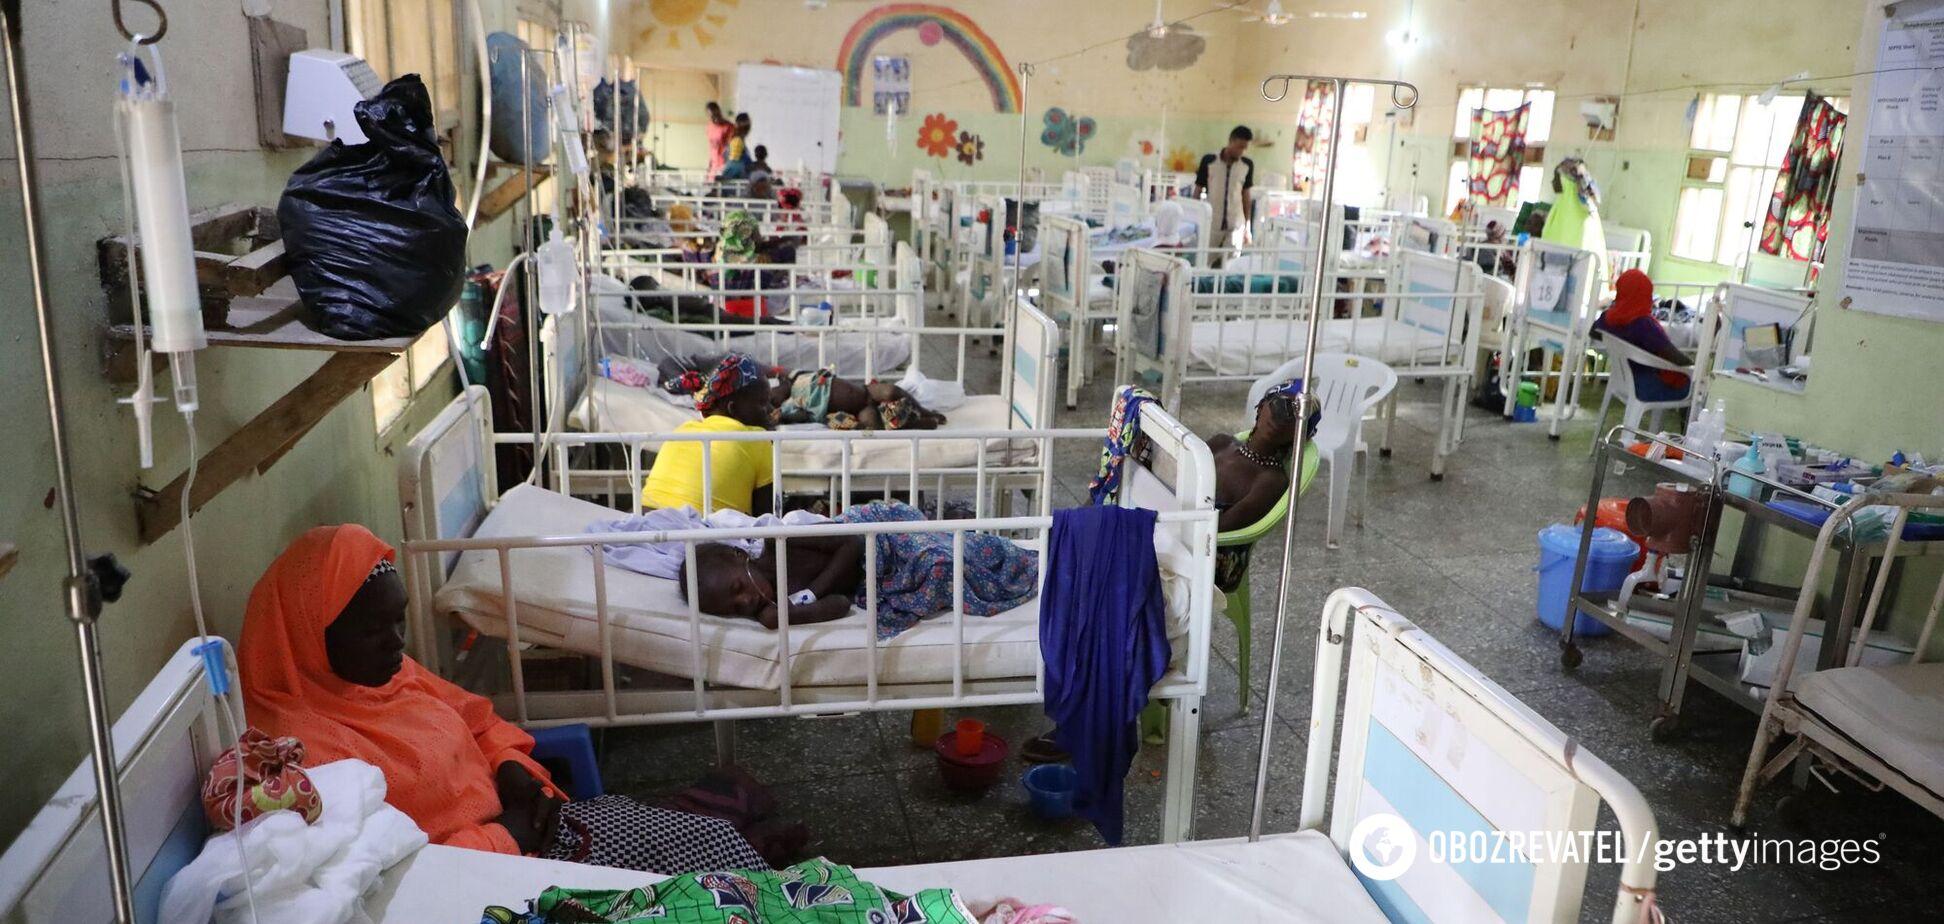 В Африке от неизвестной болезни умерла девочка, еще 30 детей заболели